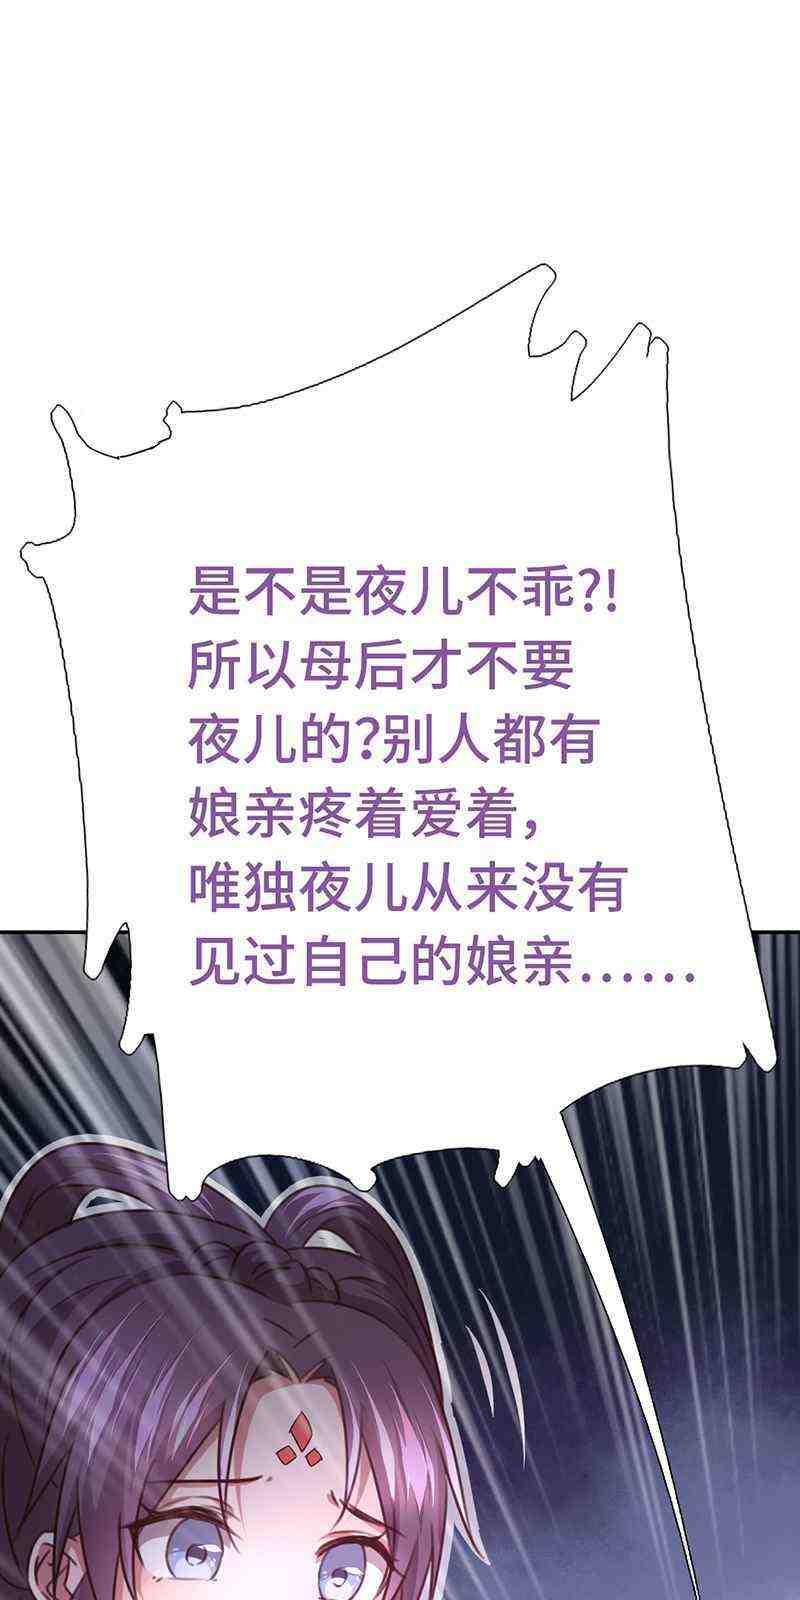 神厨狂后第11话  第10话 轩辕彻 第 3